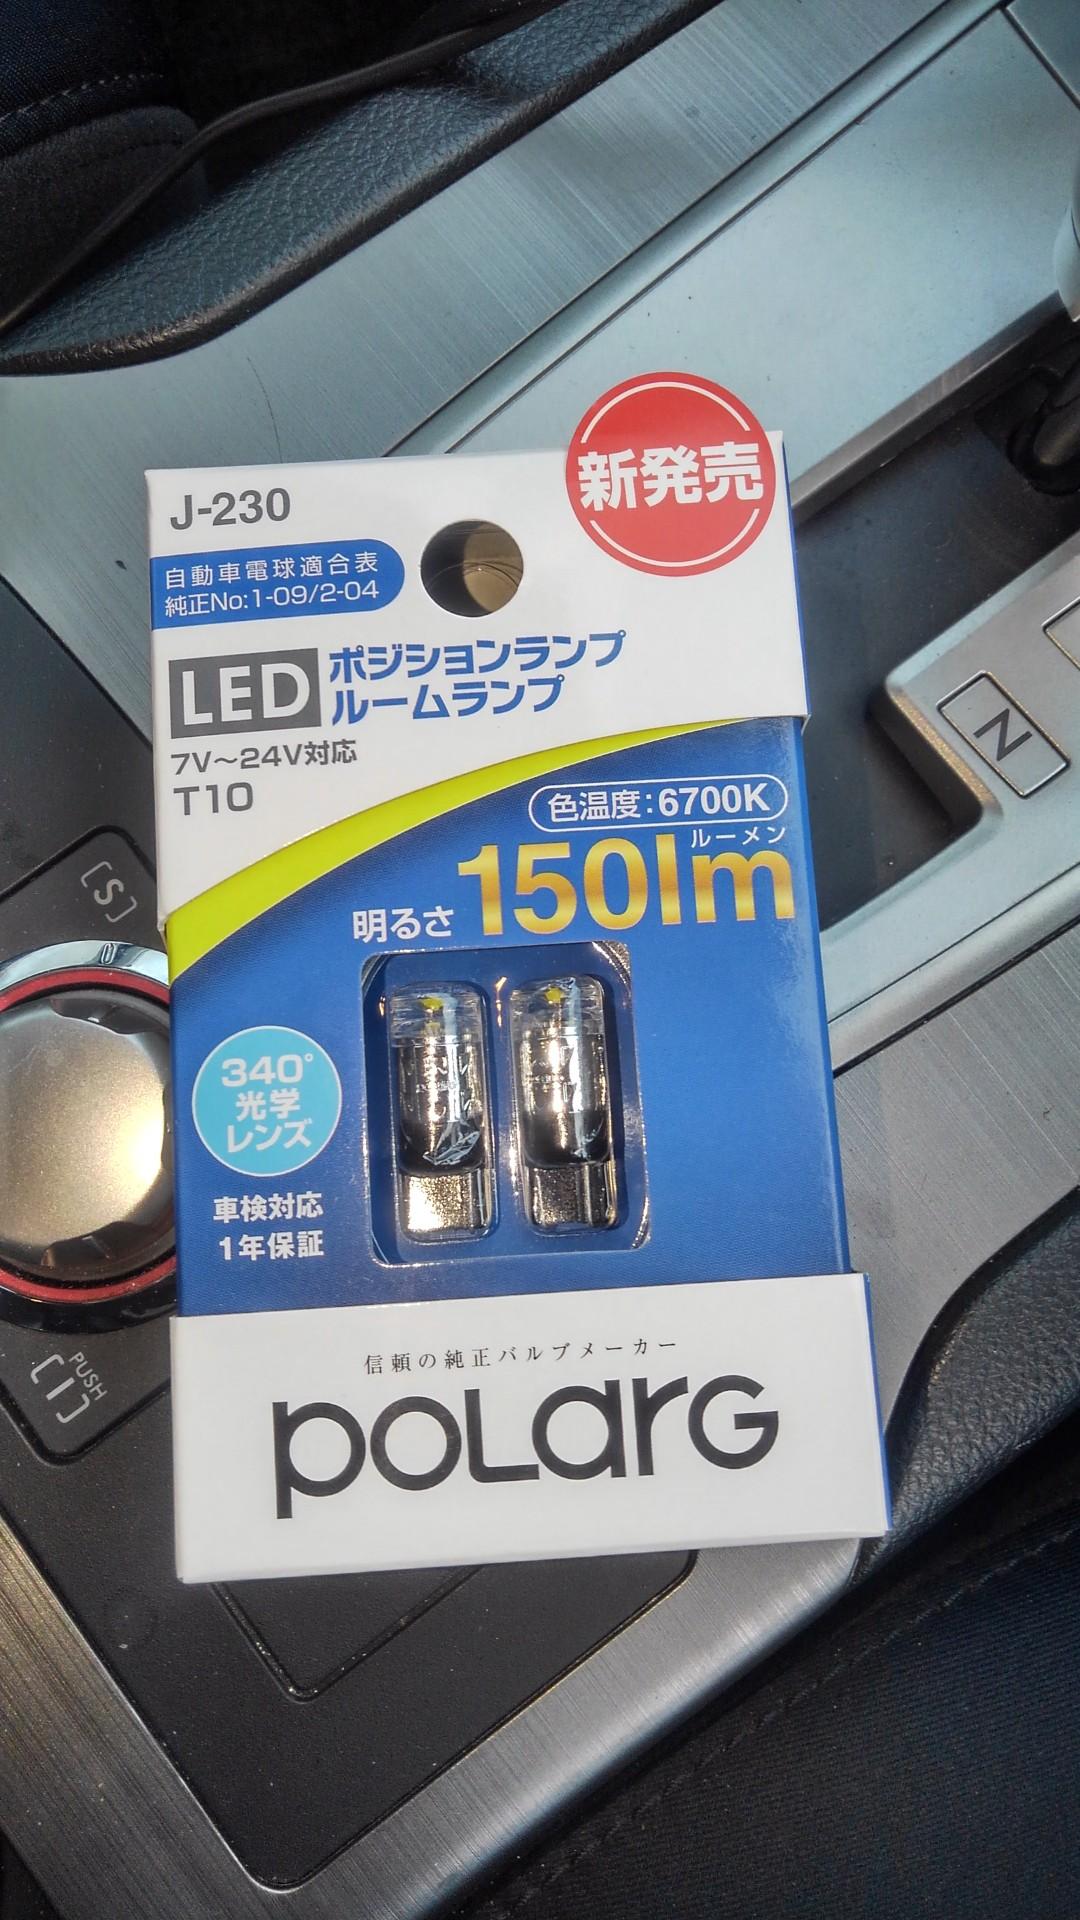 POLARG / 日星工業 LED ポジションランプ ルームランプ 6700k 150lm